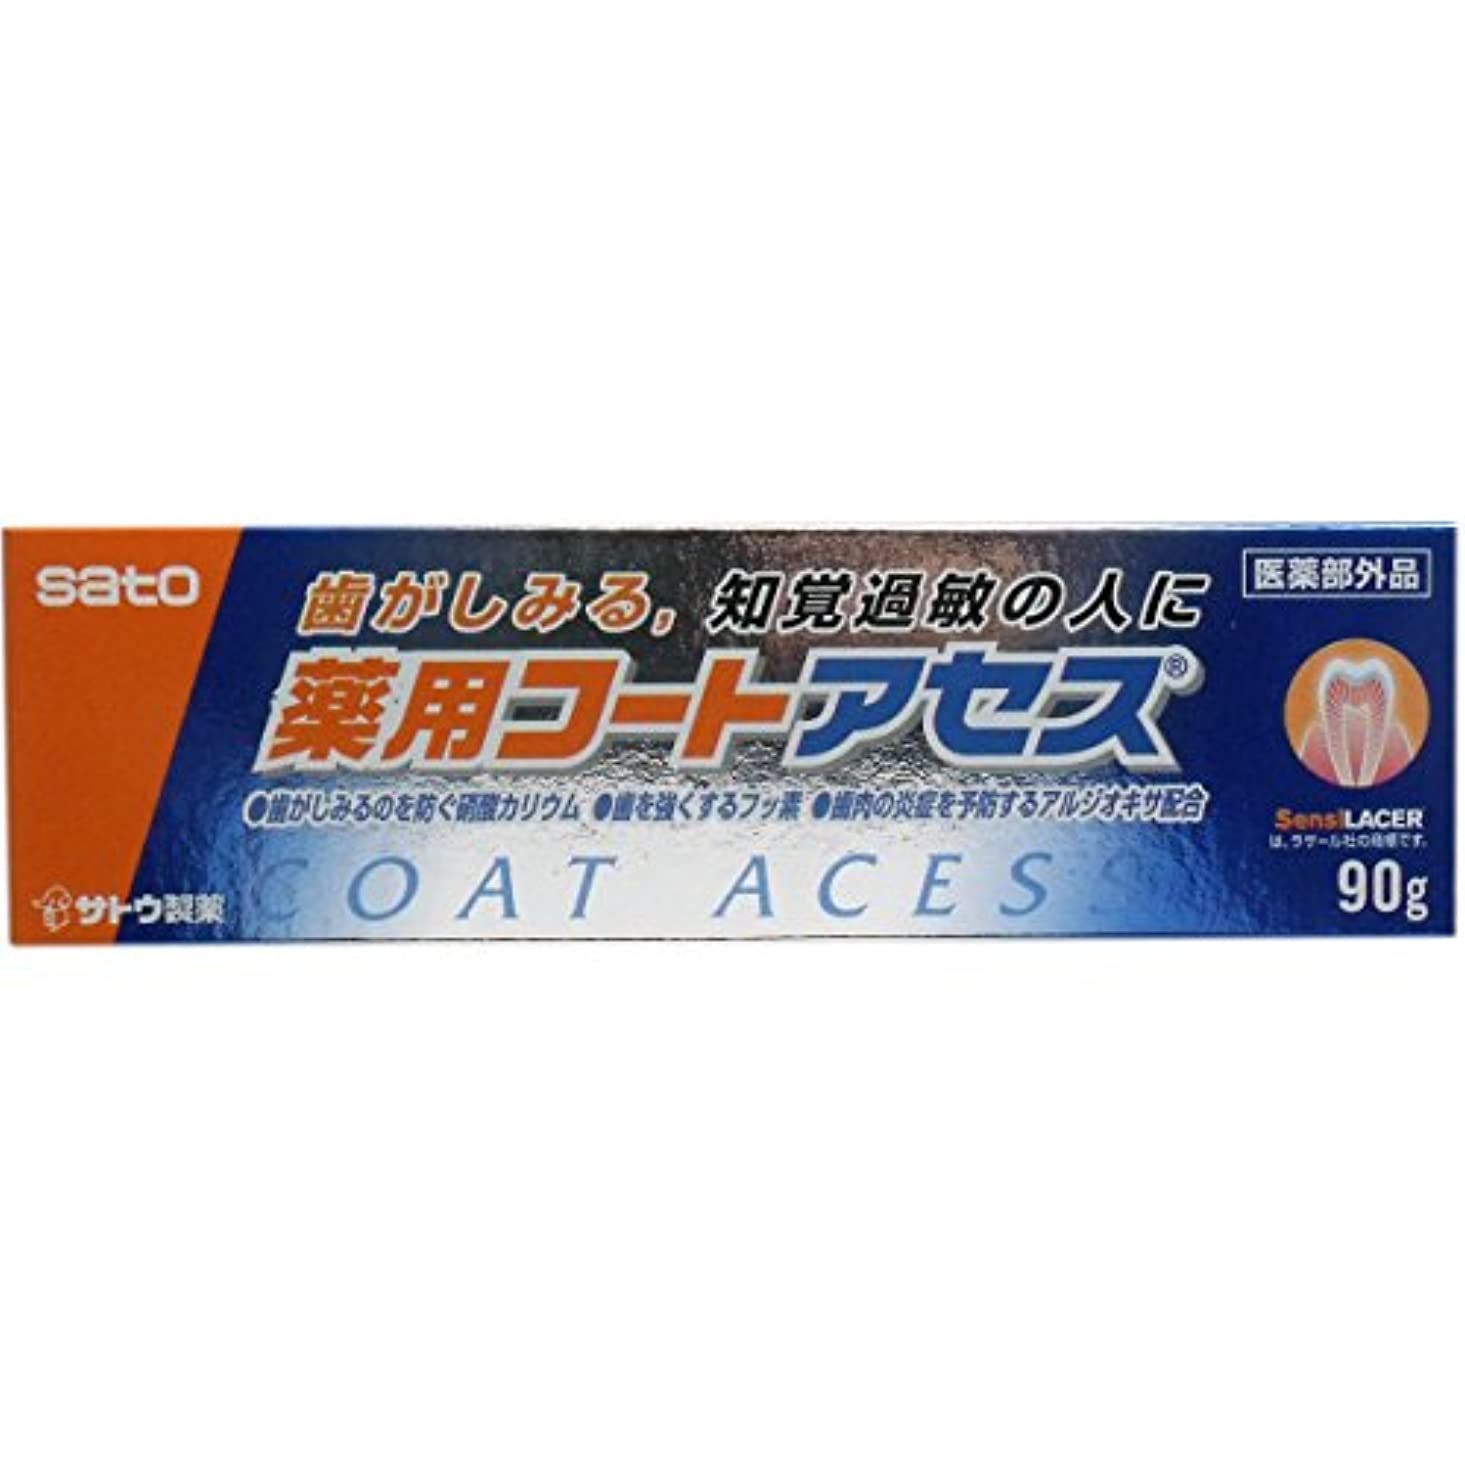 ケーブルカー補う他の場所サトウ製薬 薬用コートアセス 薬用歯みがき 90g ×6個セット